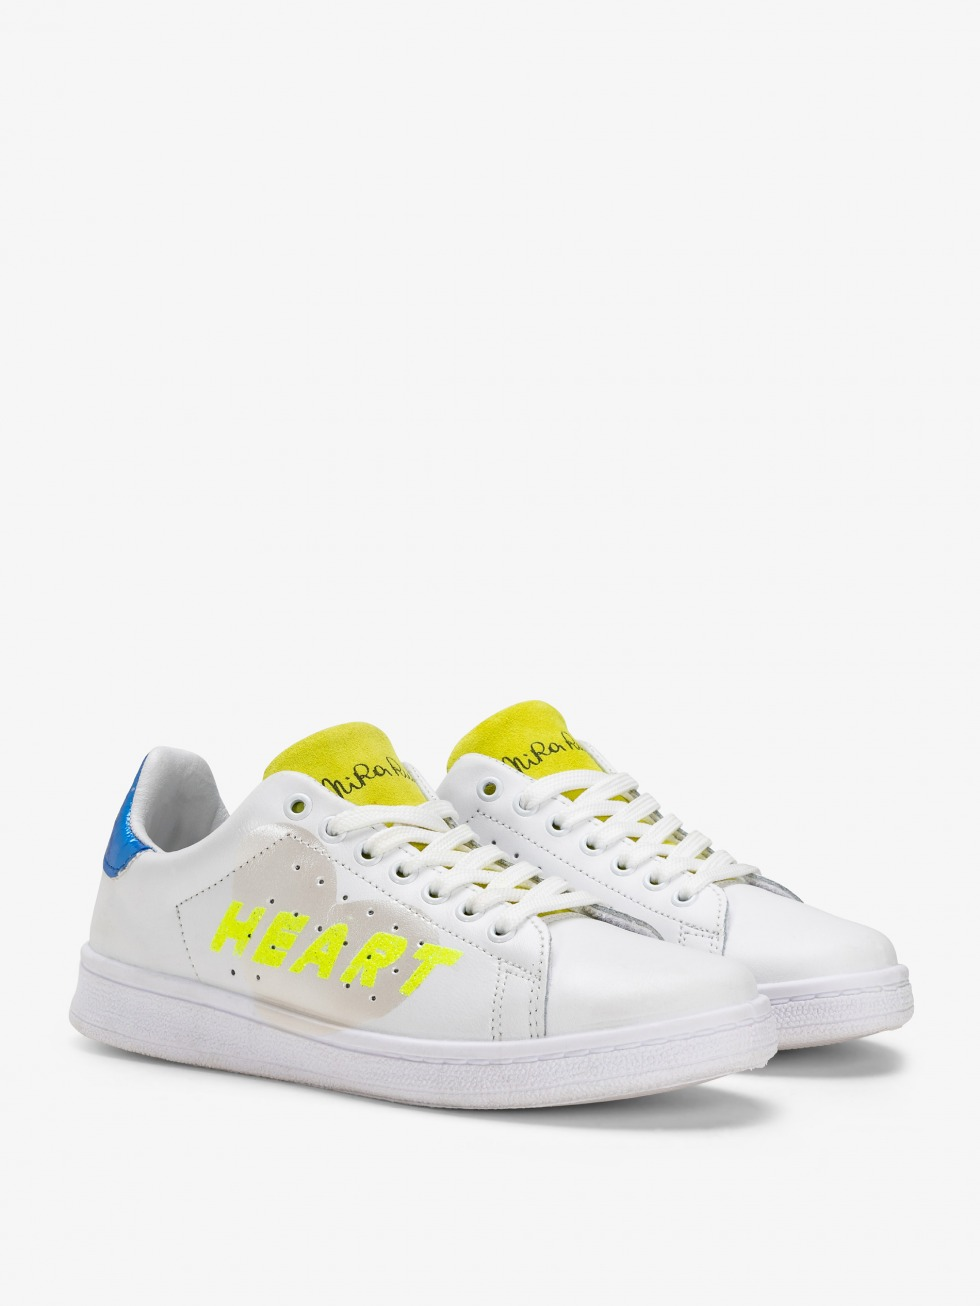 Sneakers Daiquiri - Cuore Space Electric Glitter